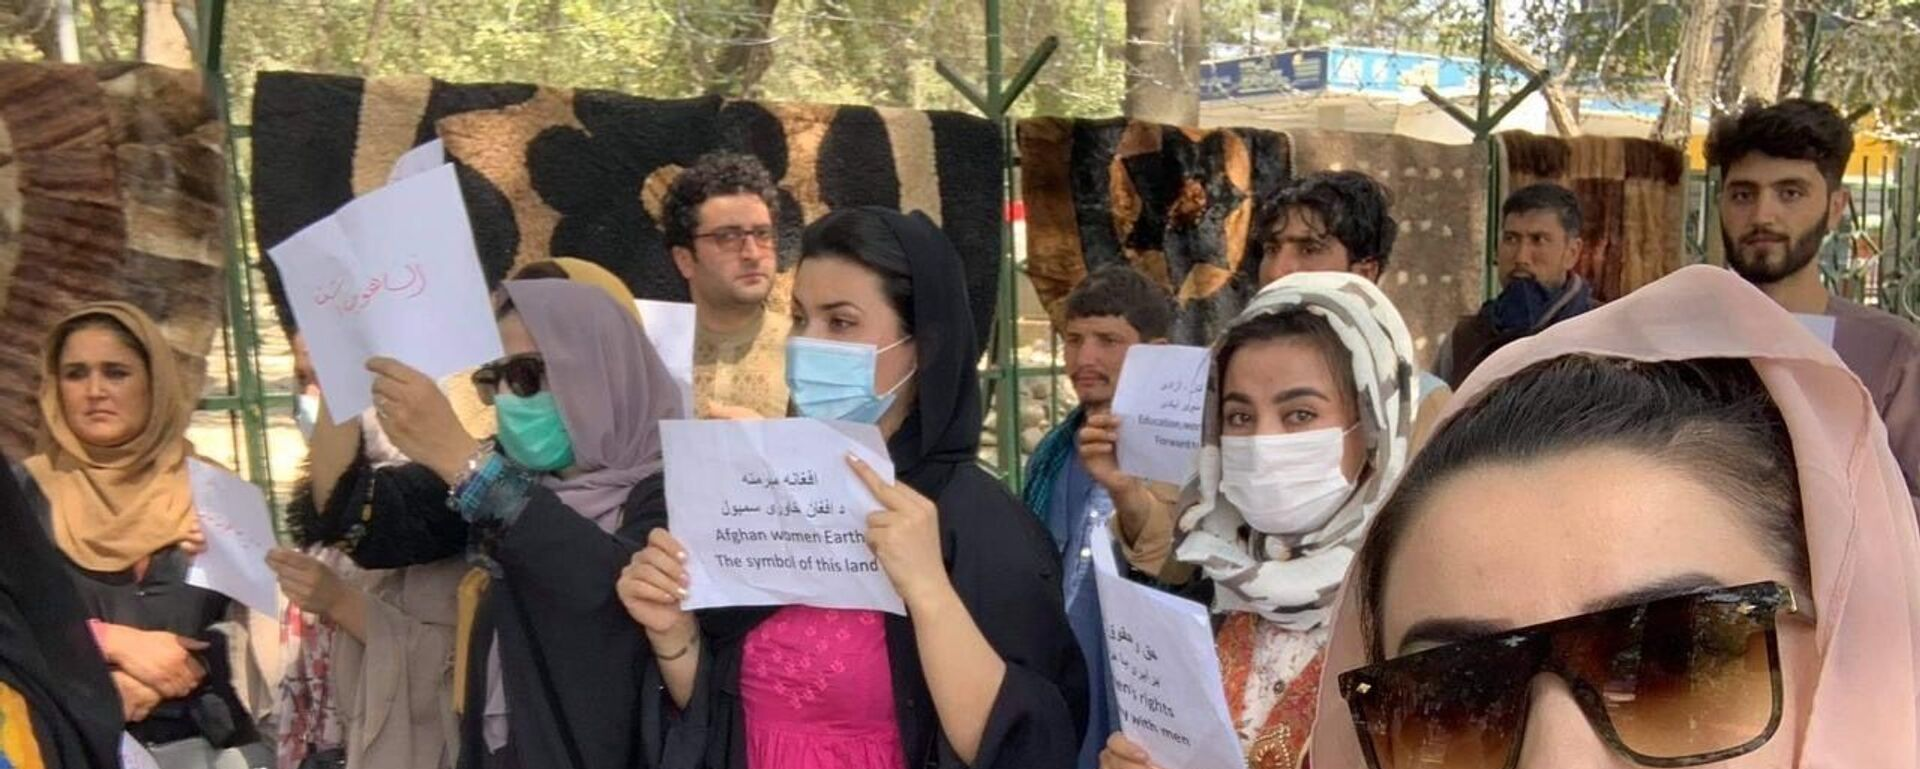 La manifestazione di donne a Kabul, il 4 settembre - Sputnik Italia, 1920, 04.09.2021